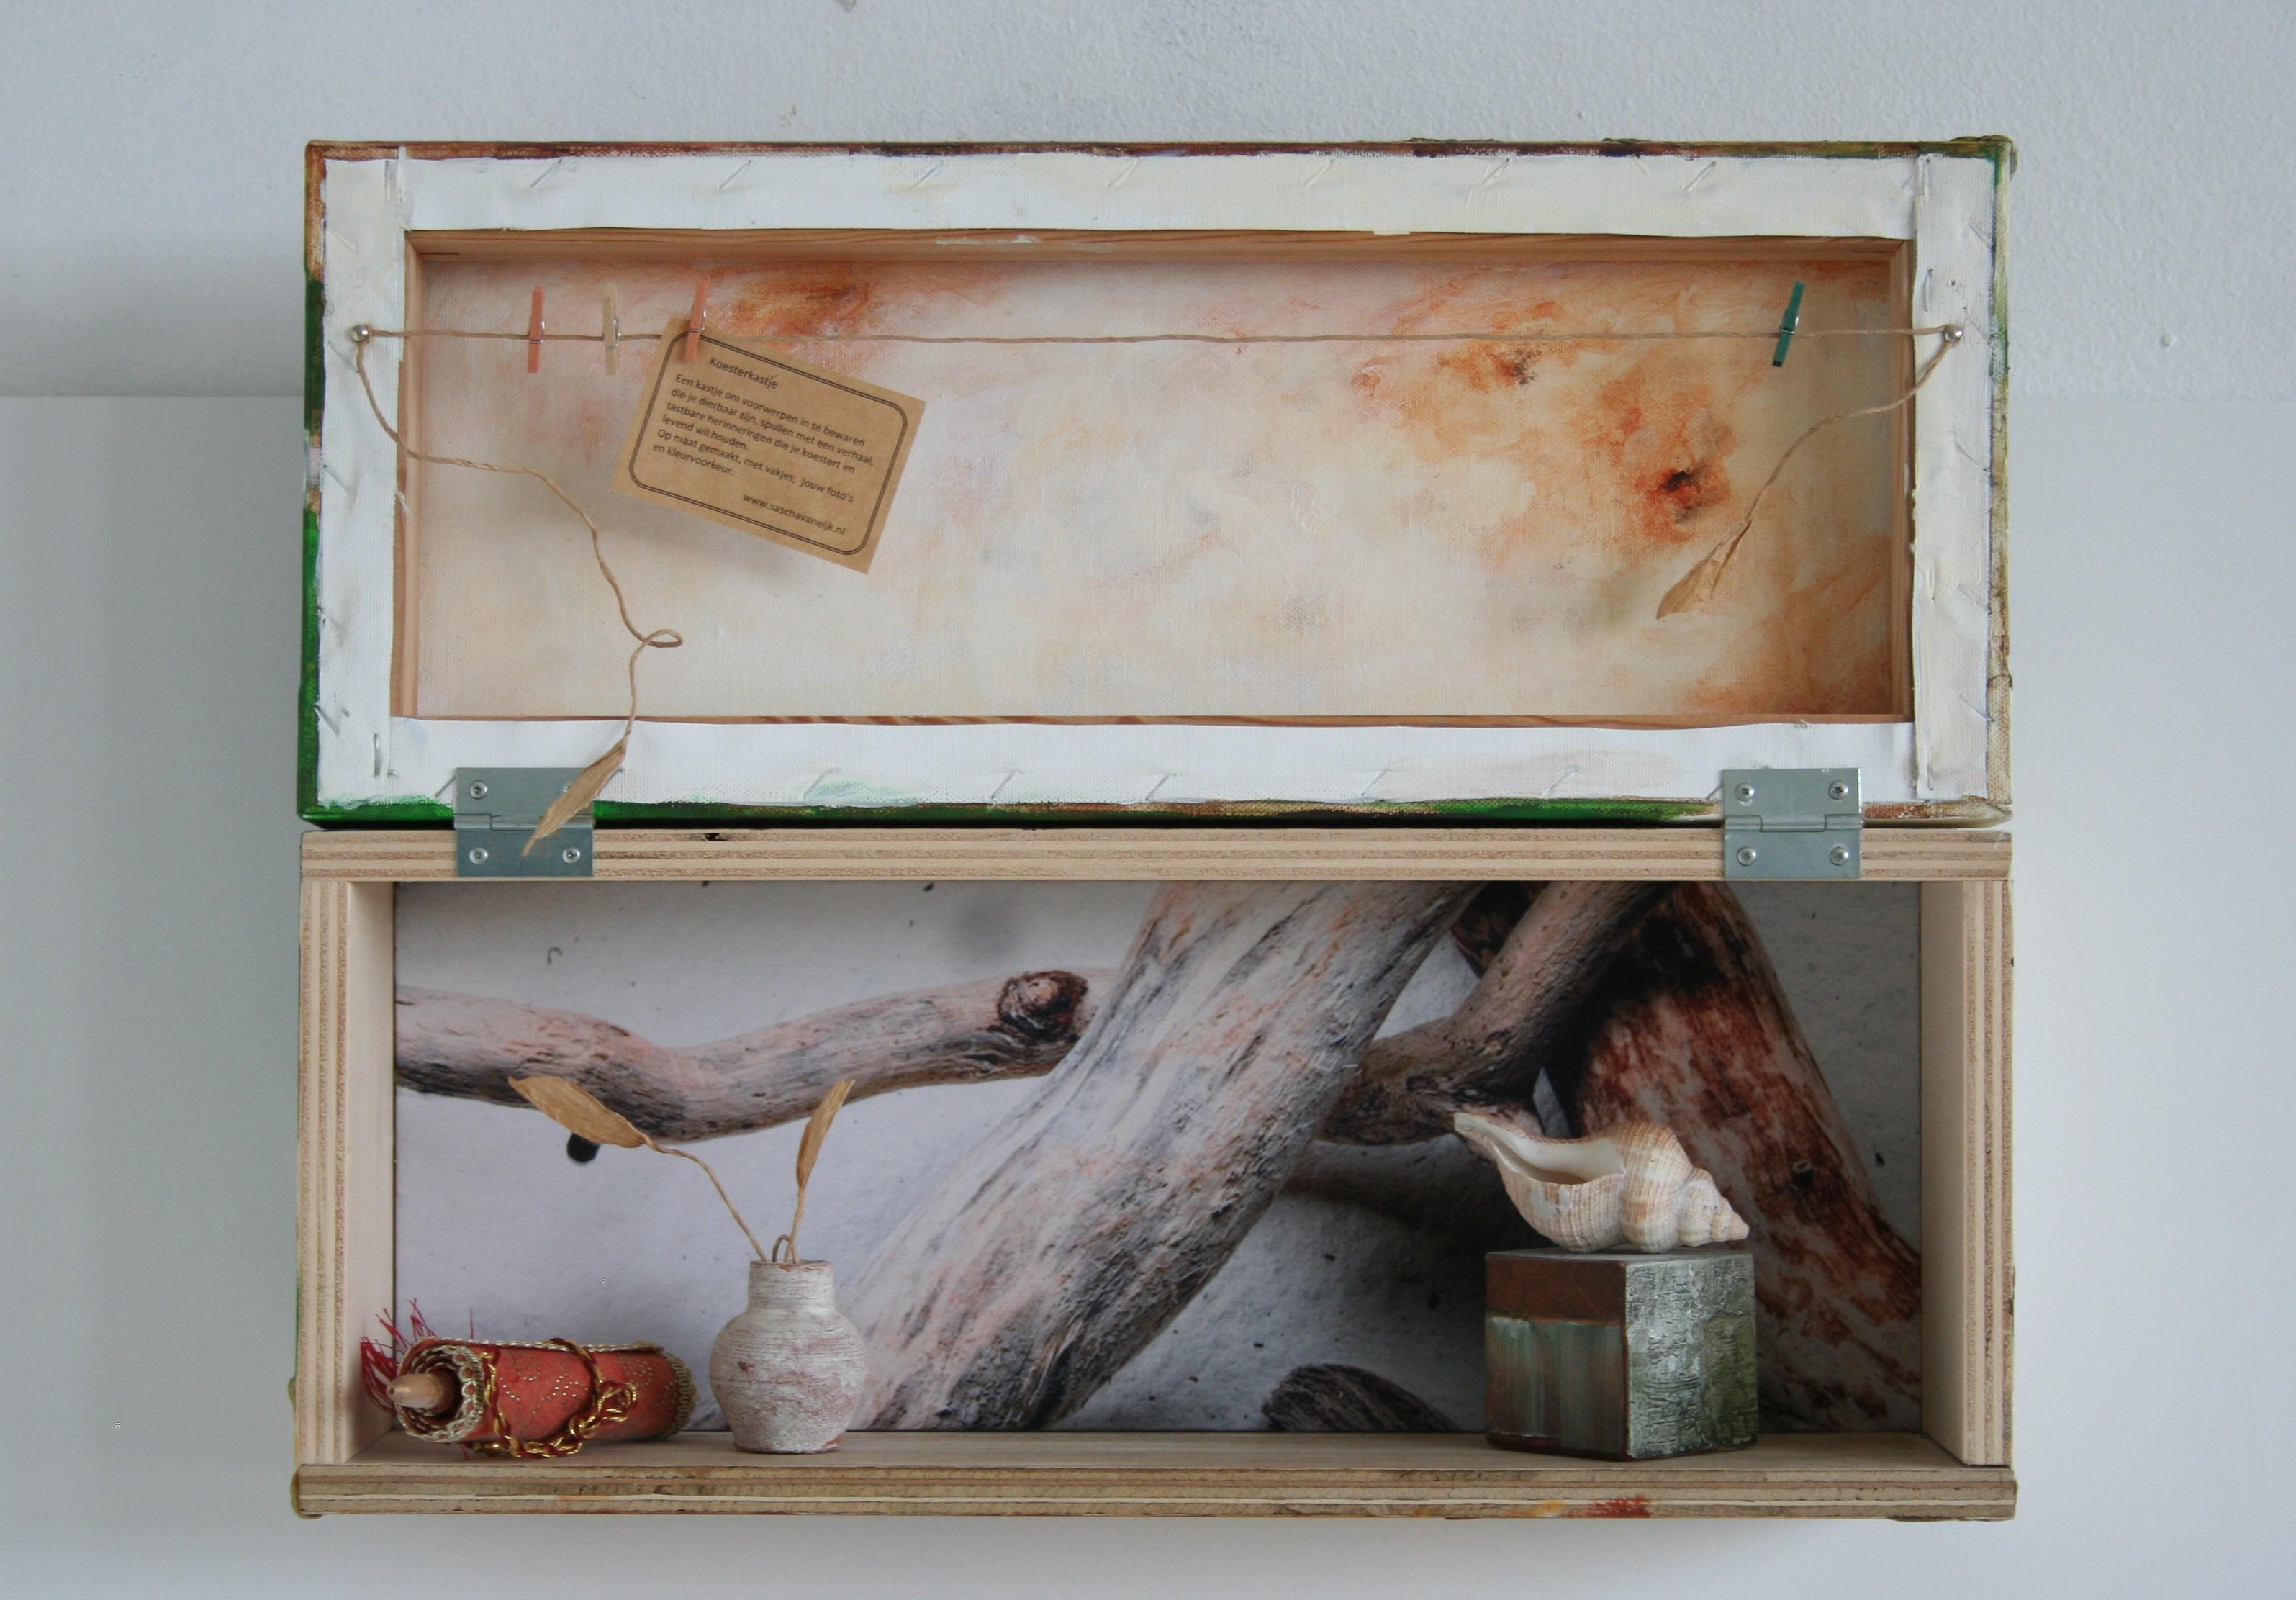 Koesterkastje-20x50x16 cm